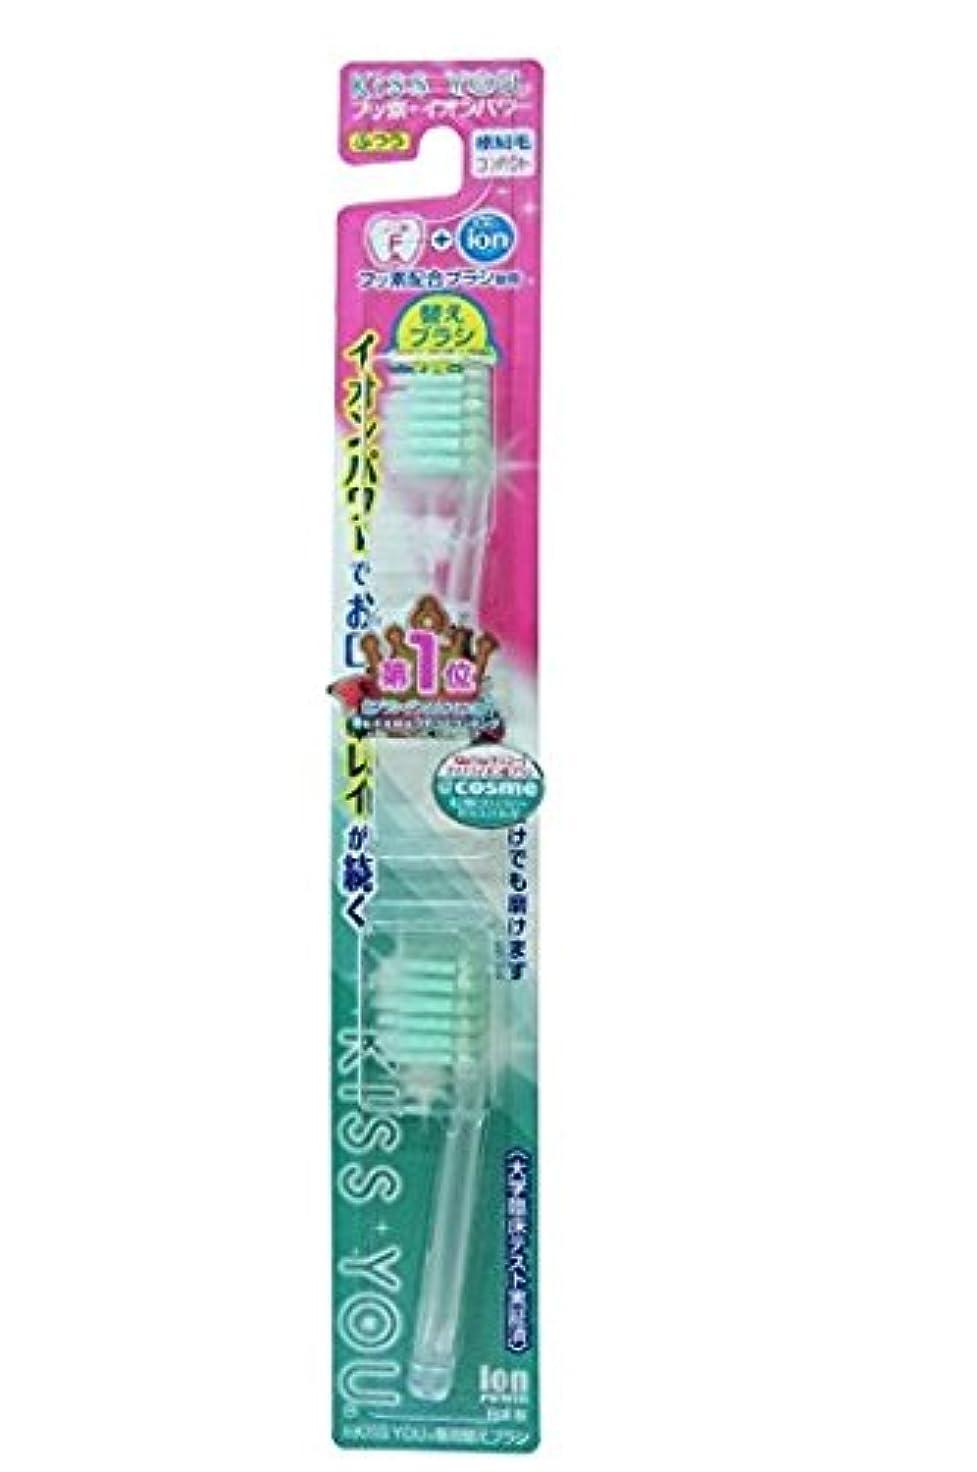 スパークナット狼フッ素イオン歯ブラシ極細コンパクト替えブラシふつう × 3個セット